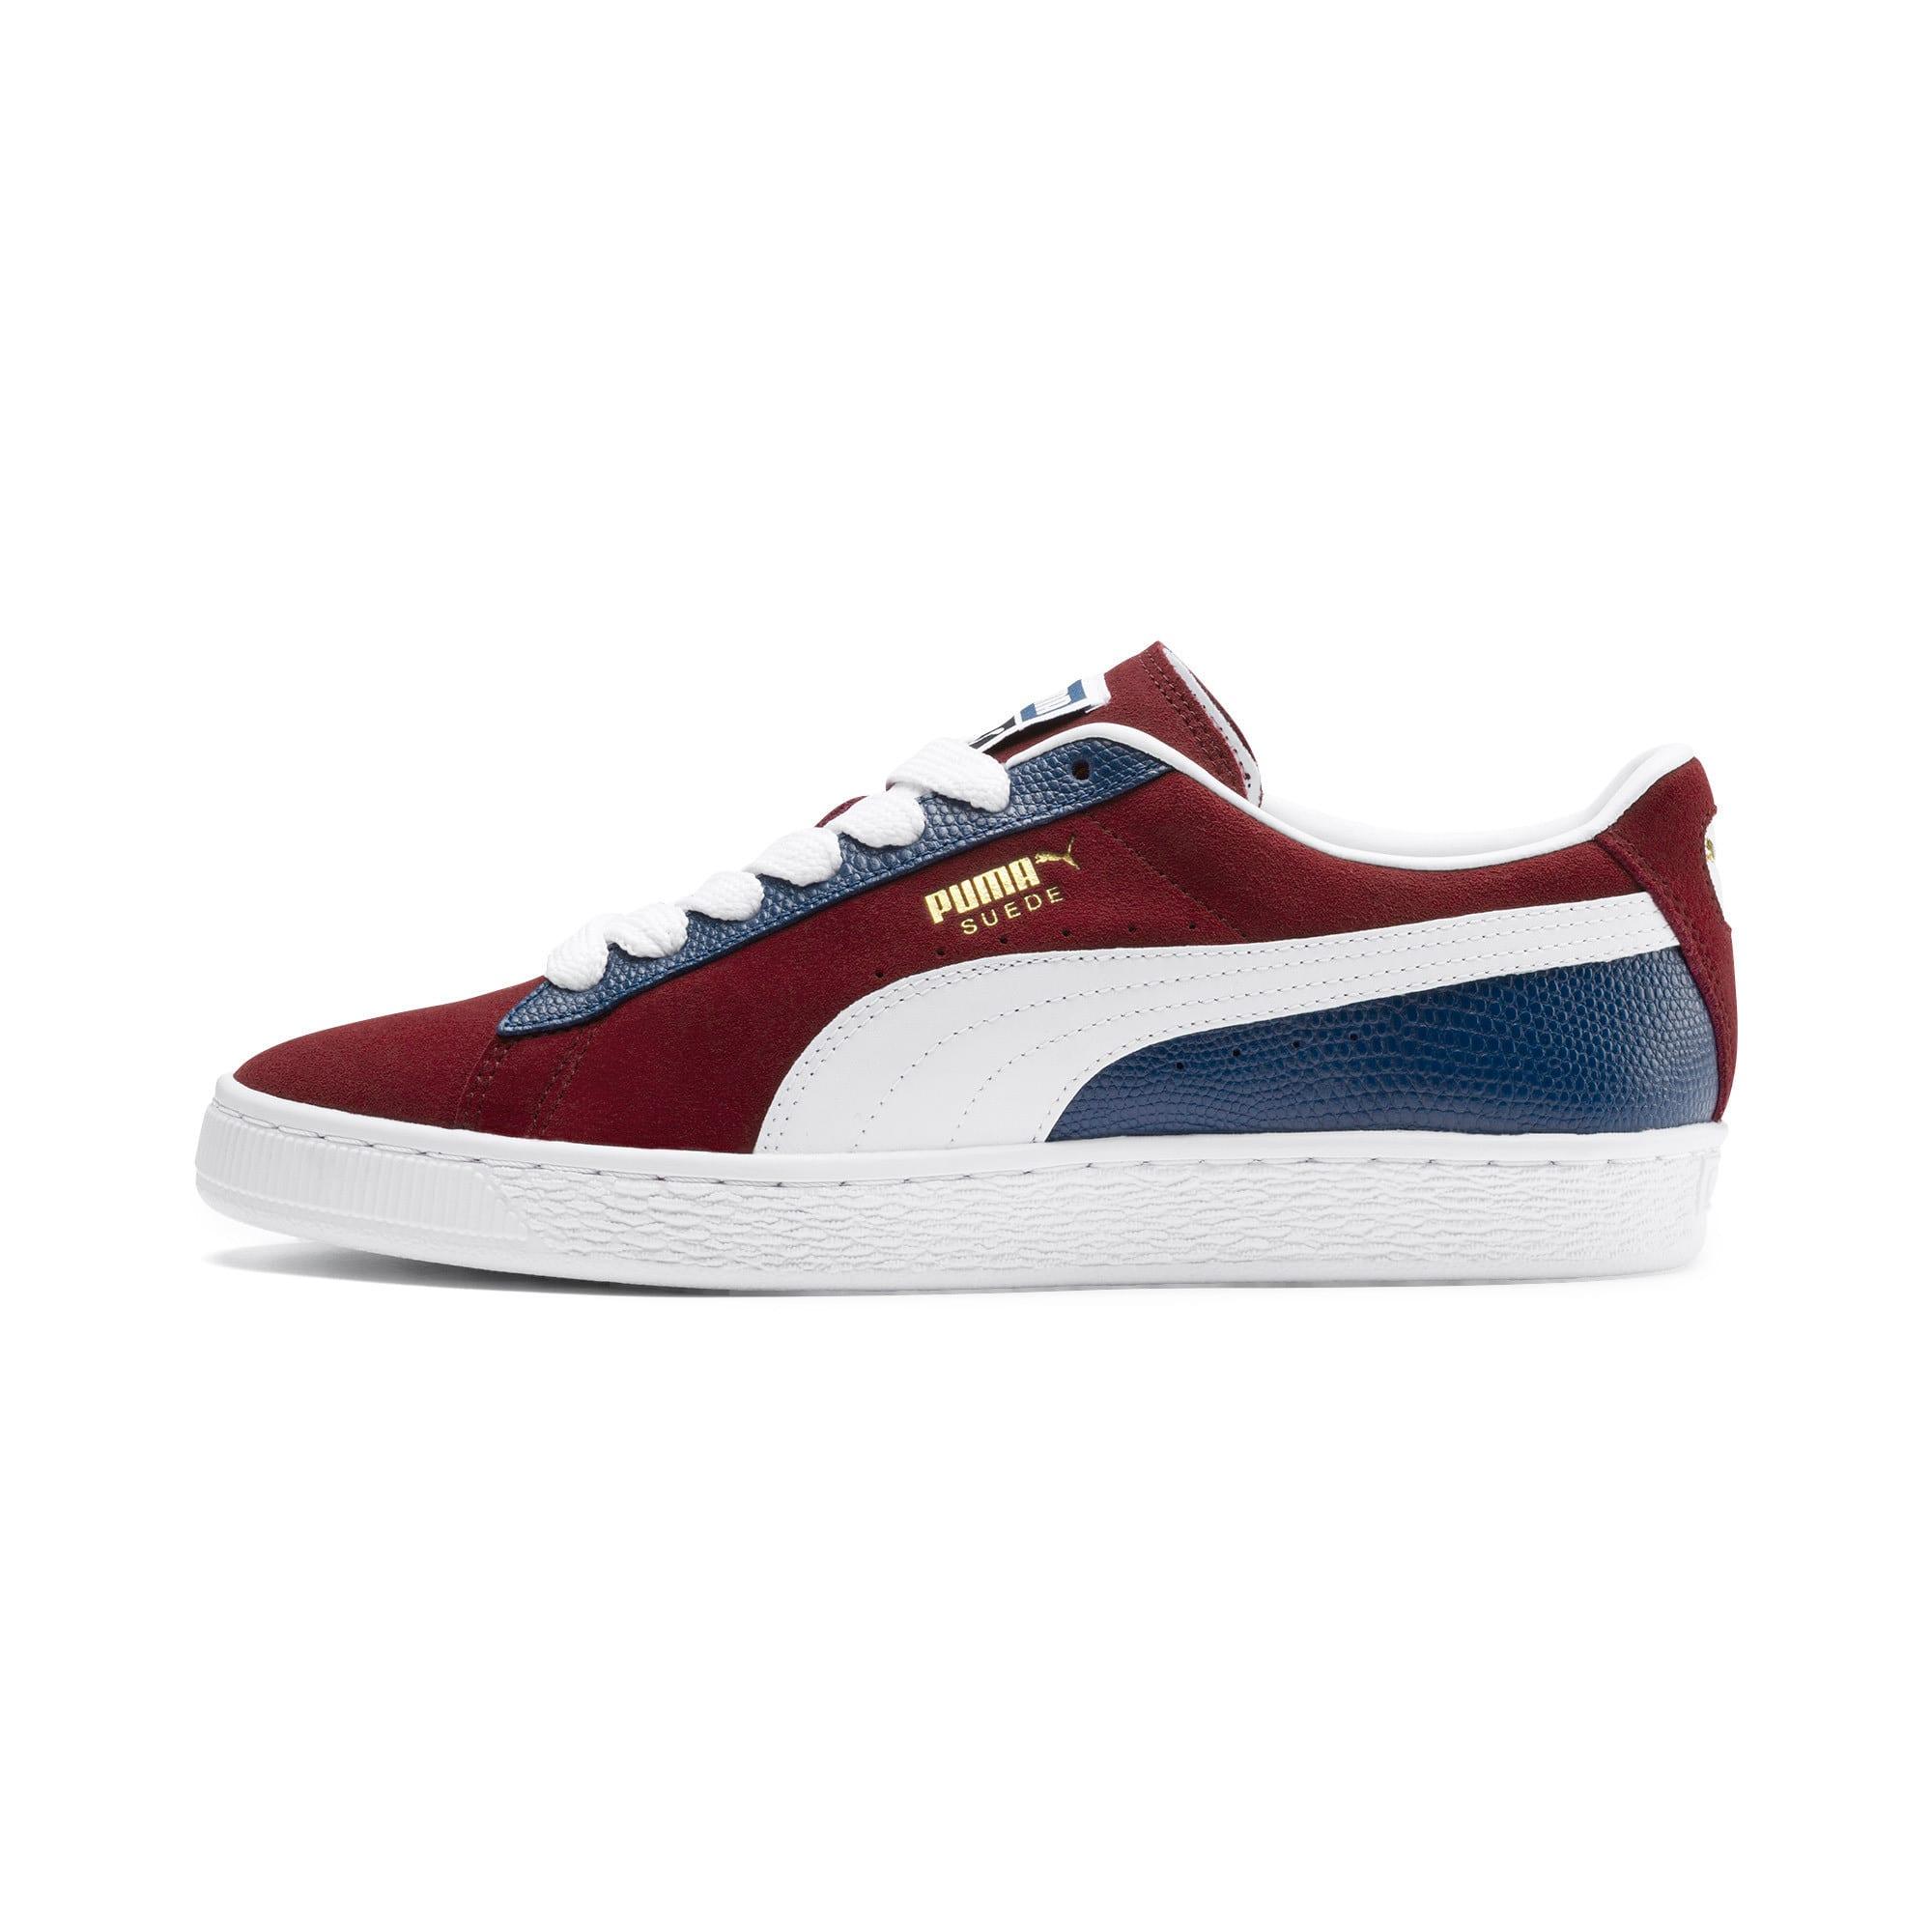 Miniatura 1 de Zapatos deportivos Suede Classic Block, Rhubarb-Azul-Blanco, mediano